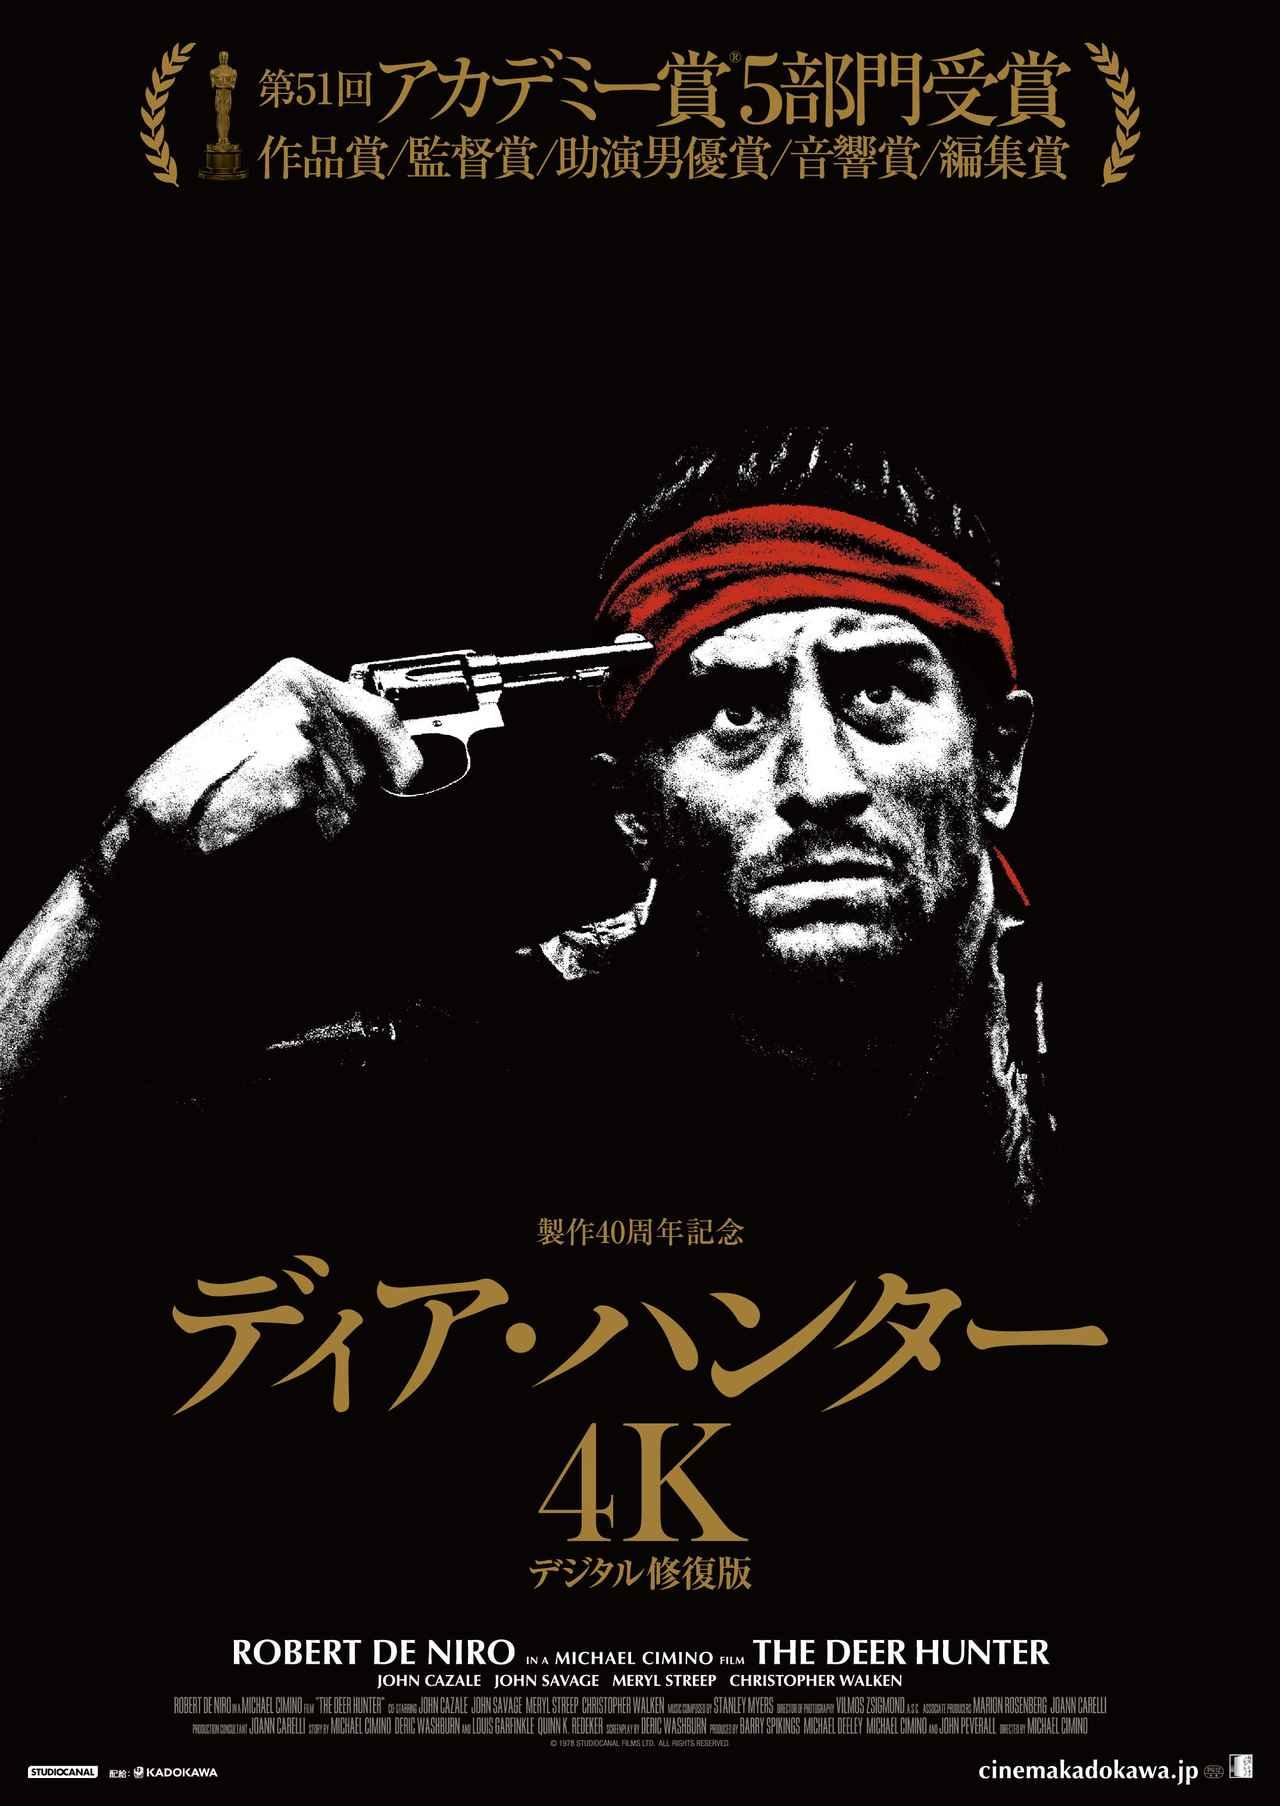 画像1: ロバート・デニーロ主演の不朽の名作が4Kで蘇る!『ディア・ハンター 4Kデジタル修復版』公開決定